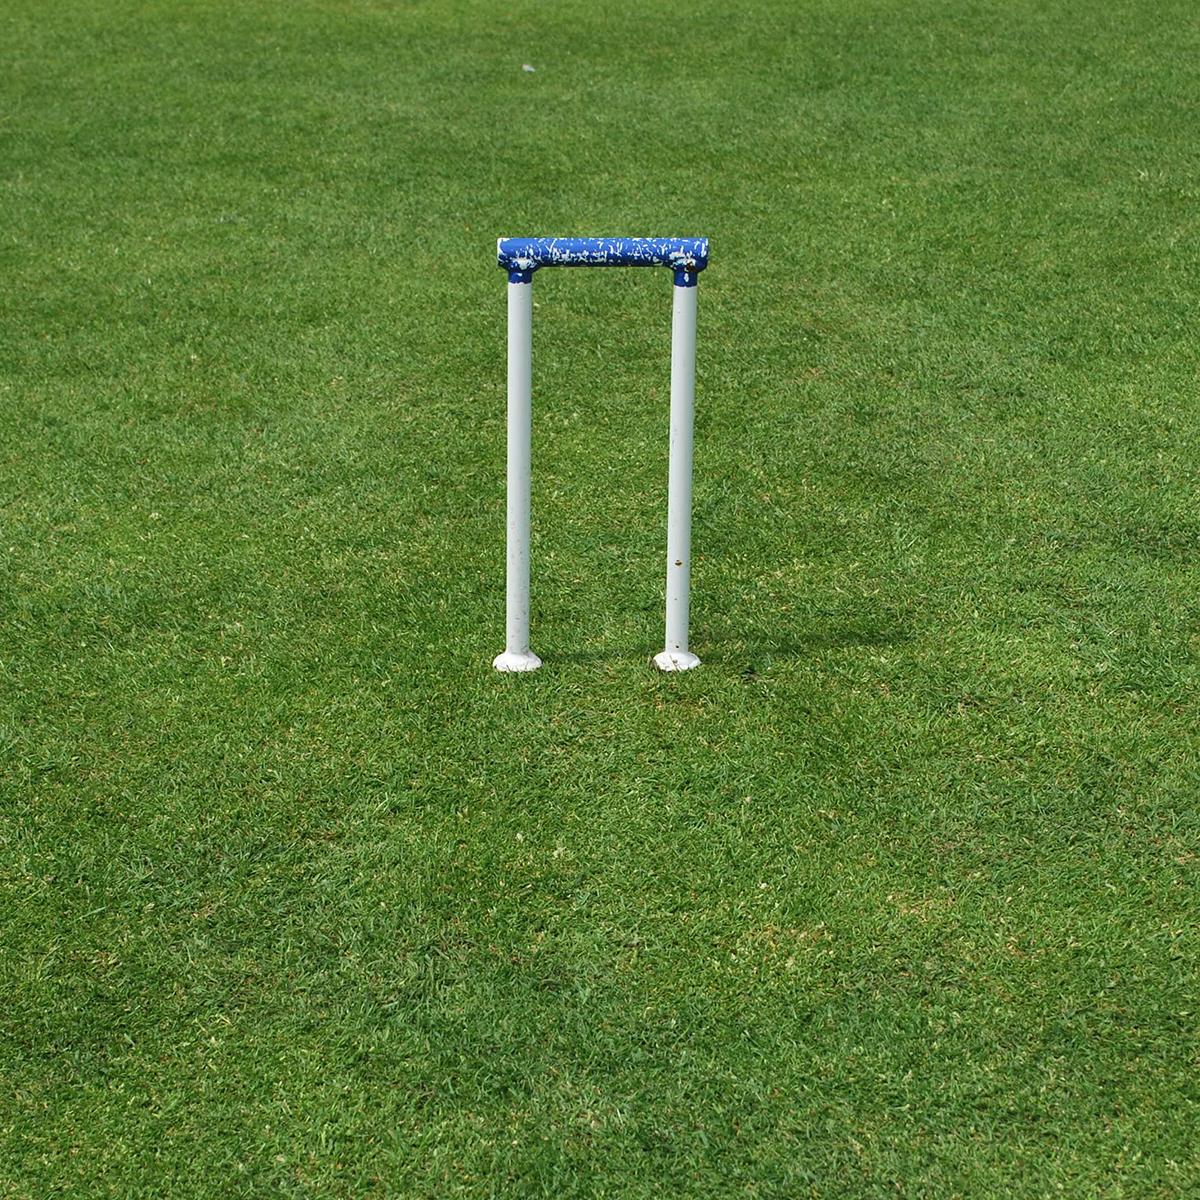 Croquet hoop